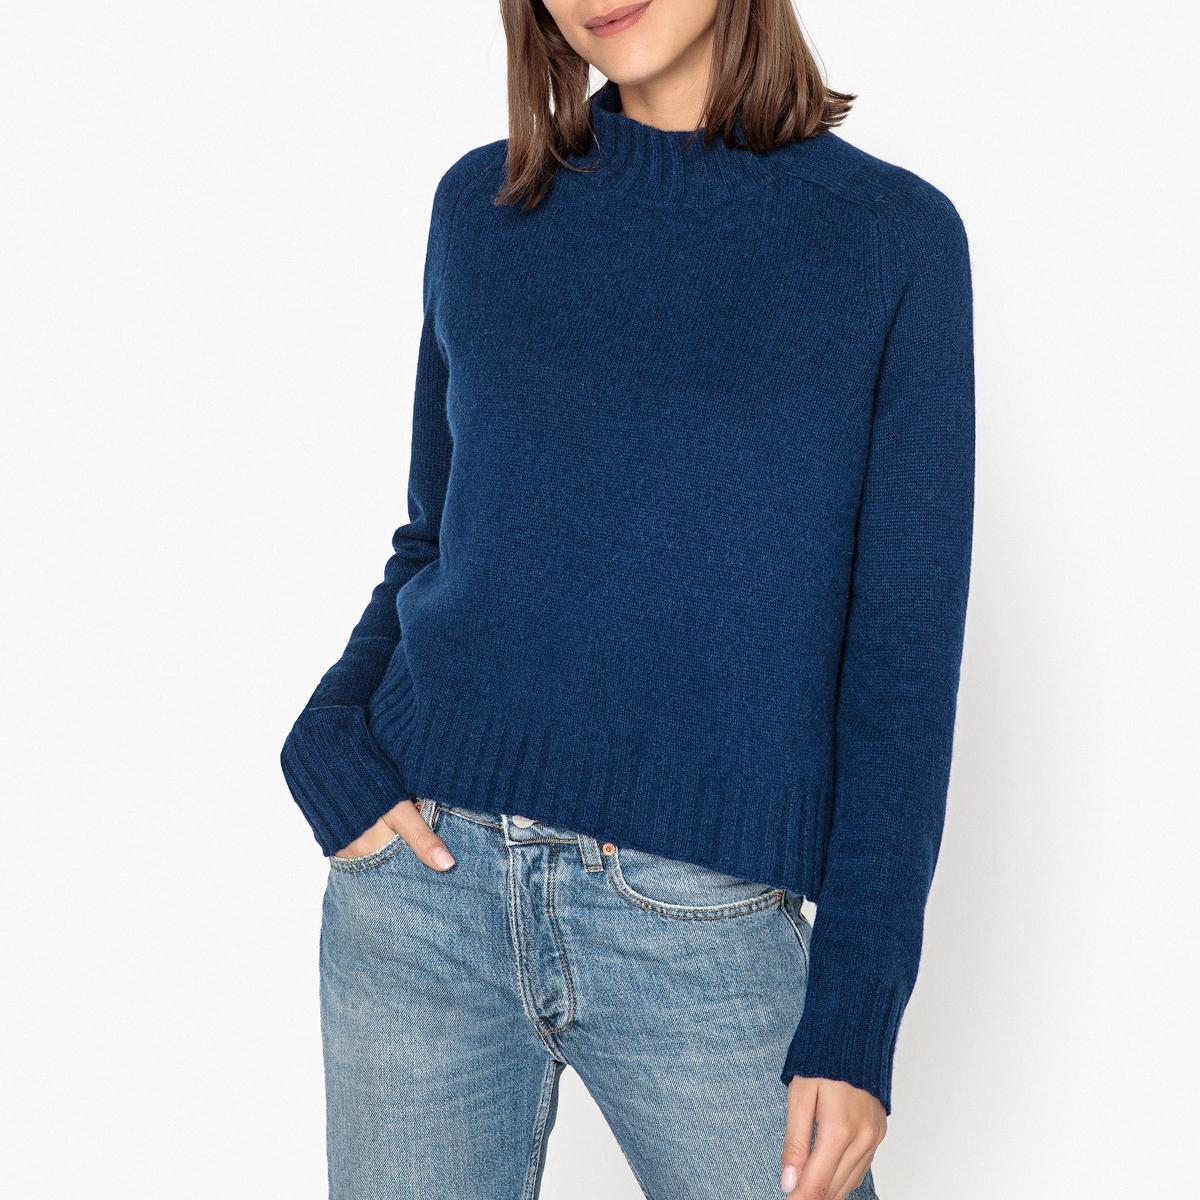 Пуловер кашемировый с воротником-стойкой женский пуловер brand new 2015